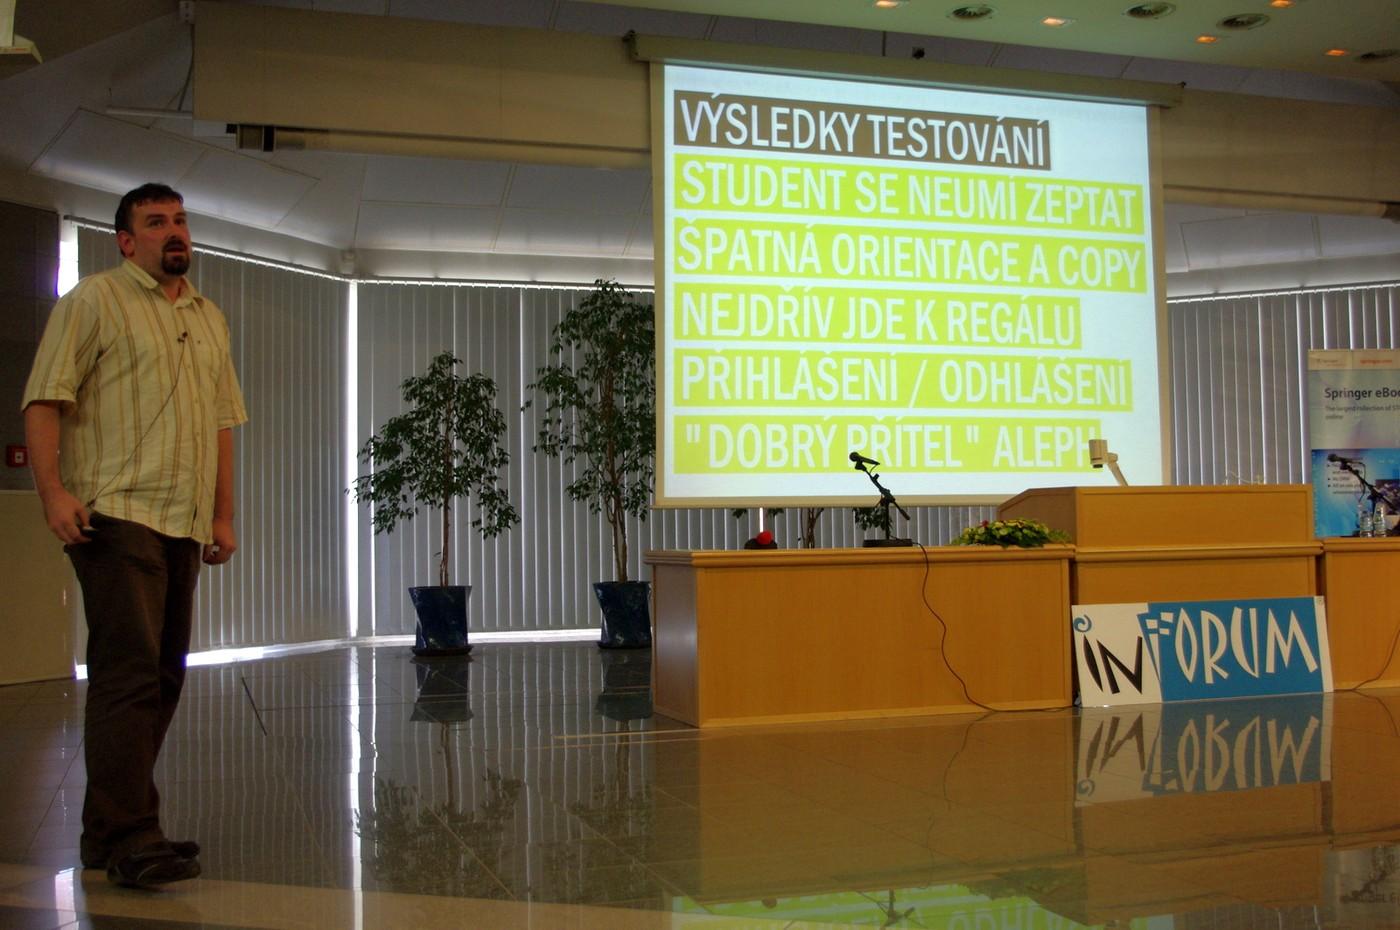 Ondřej Fabián hovoří o výsledcích testování použitelnosti knihovny